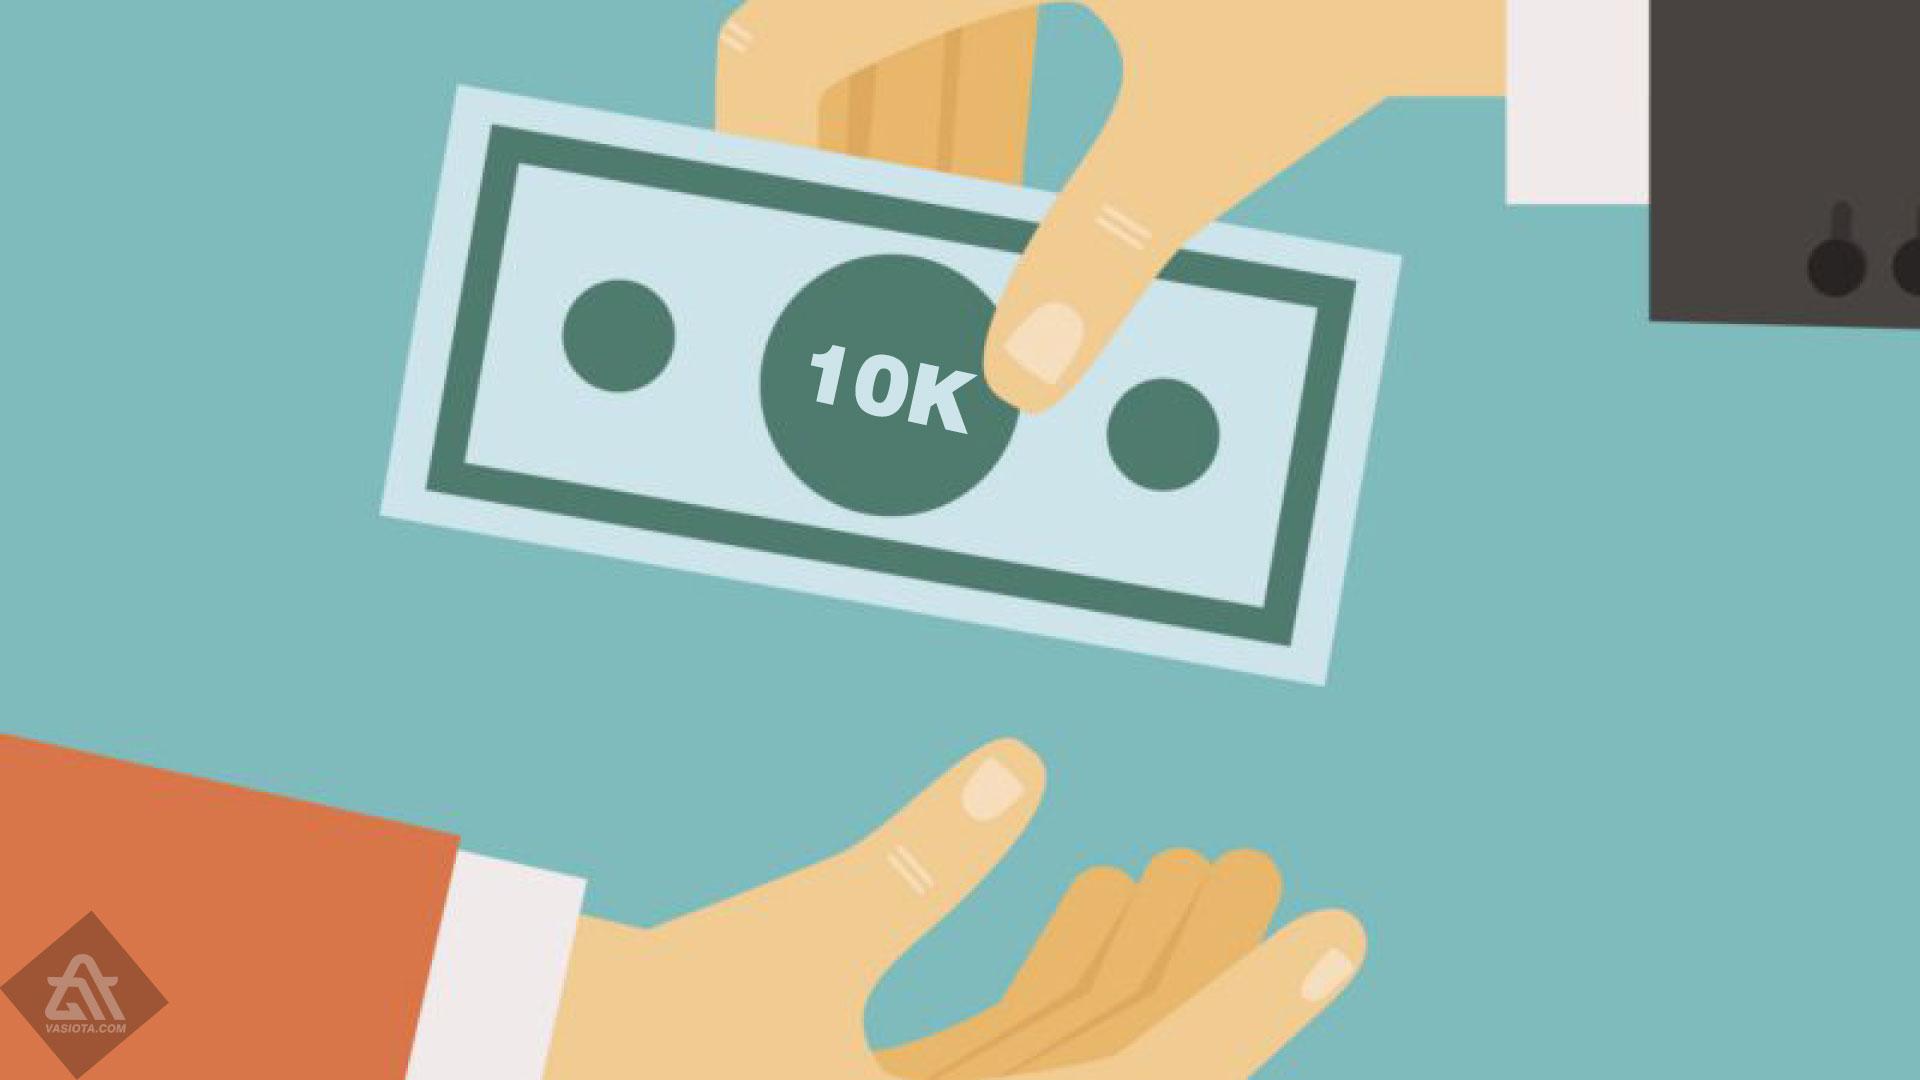 Bisnis Pelajar Modal 10K